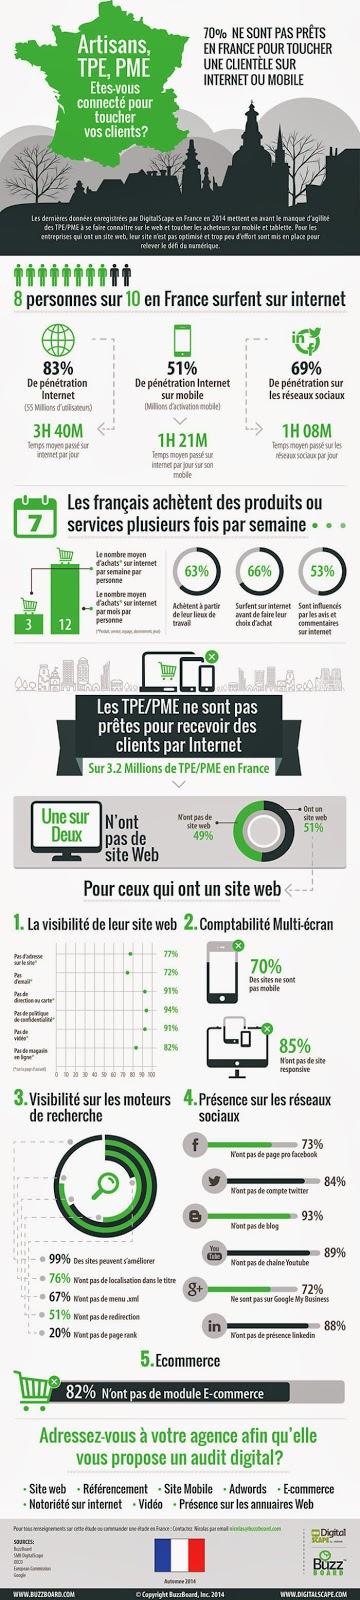 SME_France